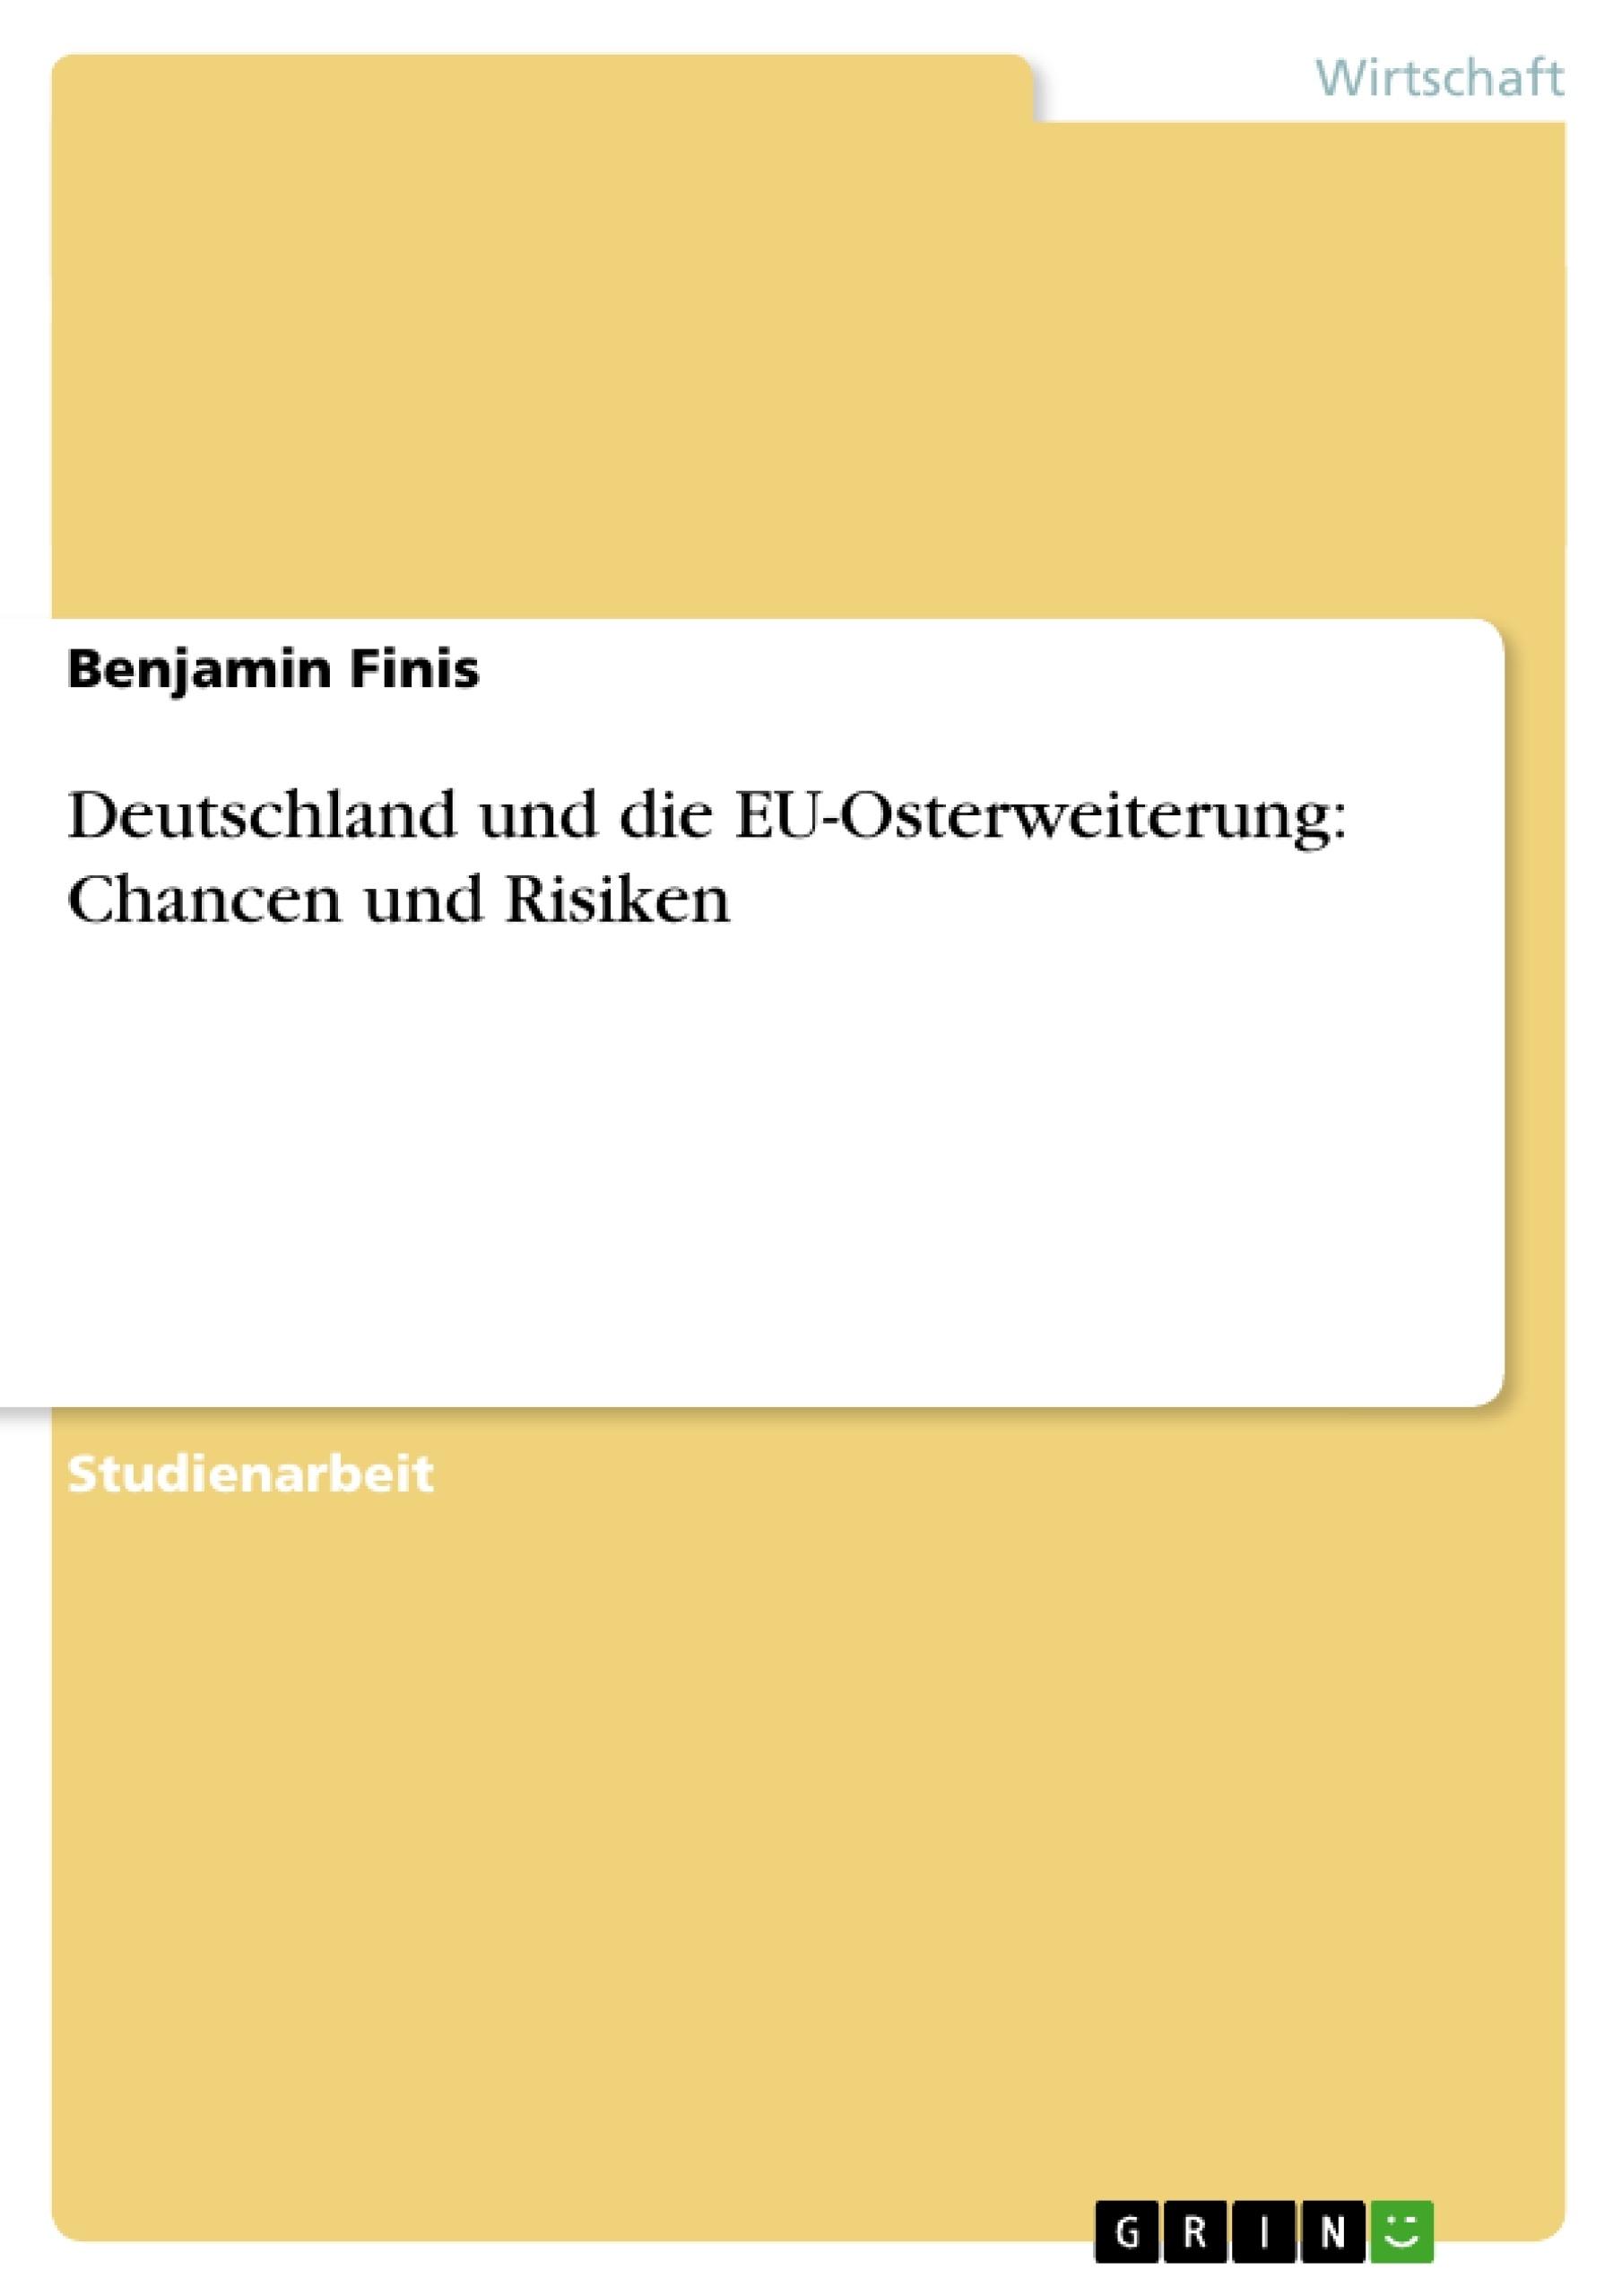 Titel: Deutschland und die EU-Osterweiterung: Chancen und Risiken